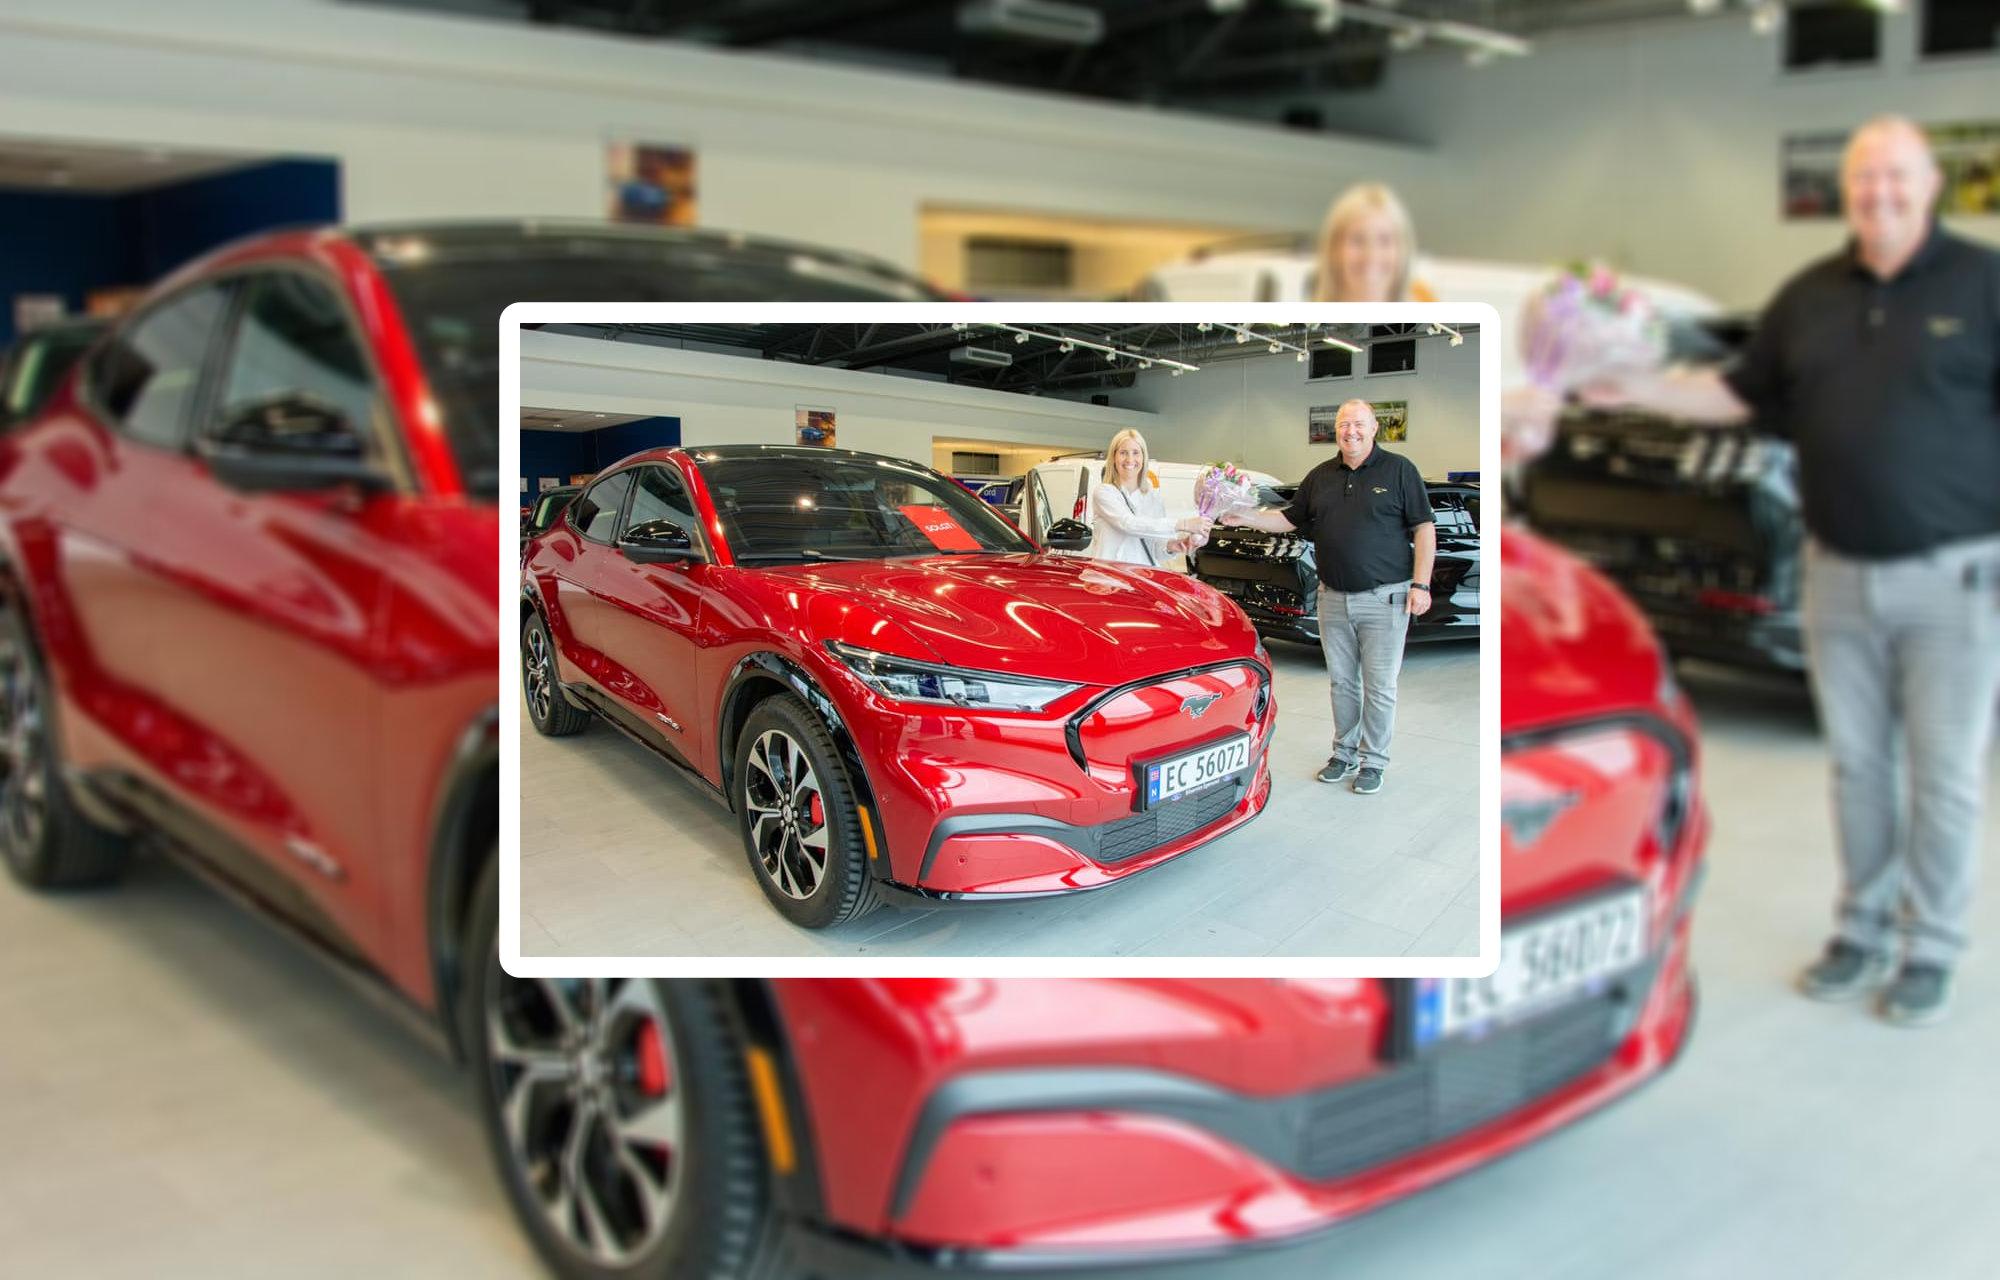 Nå har leveringene av nye Ford Mustang Mach-E begynt